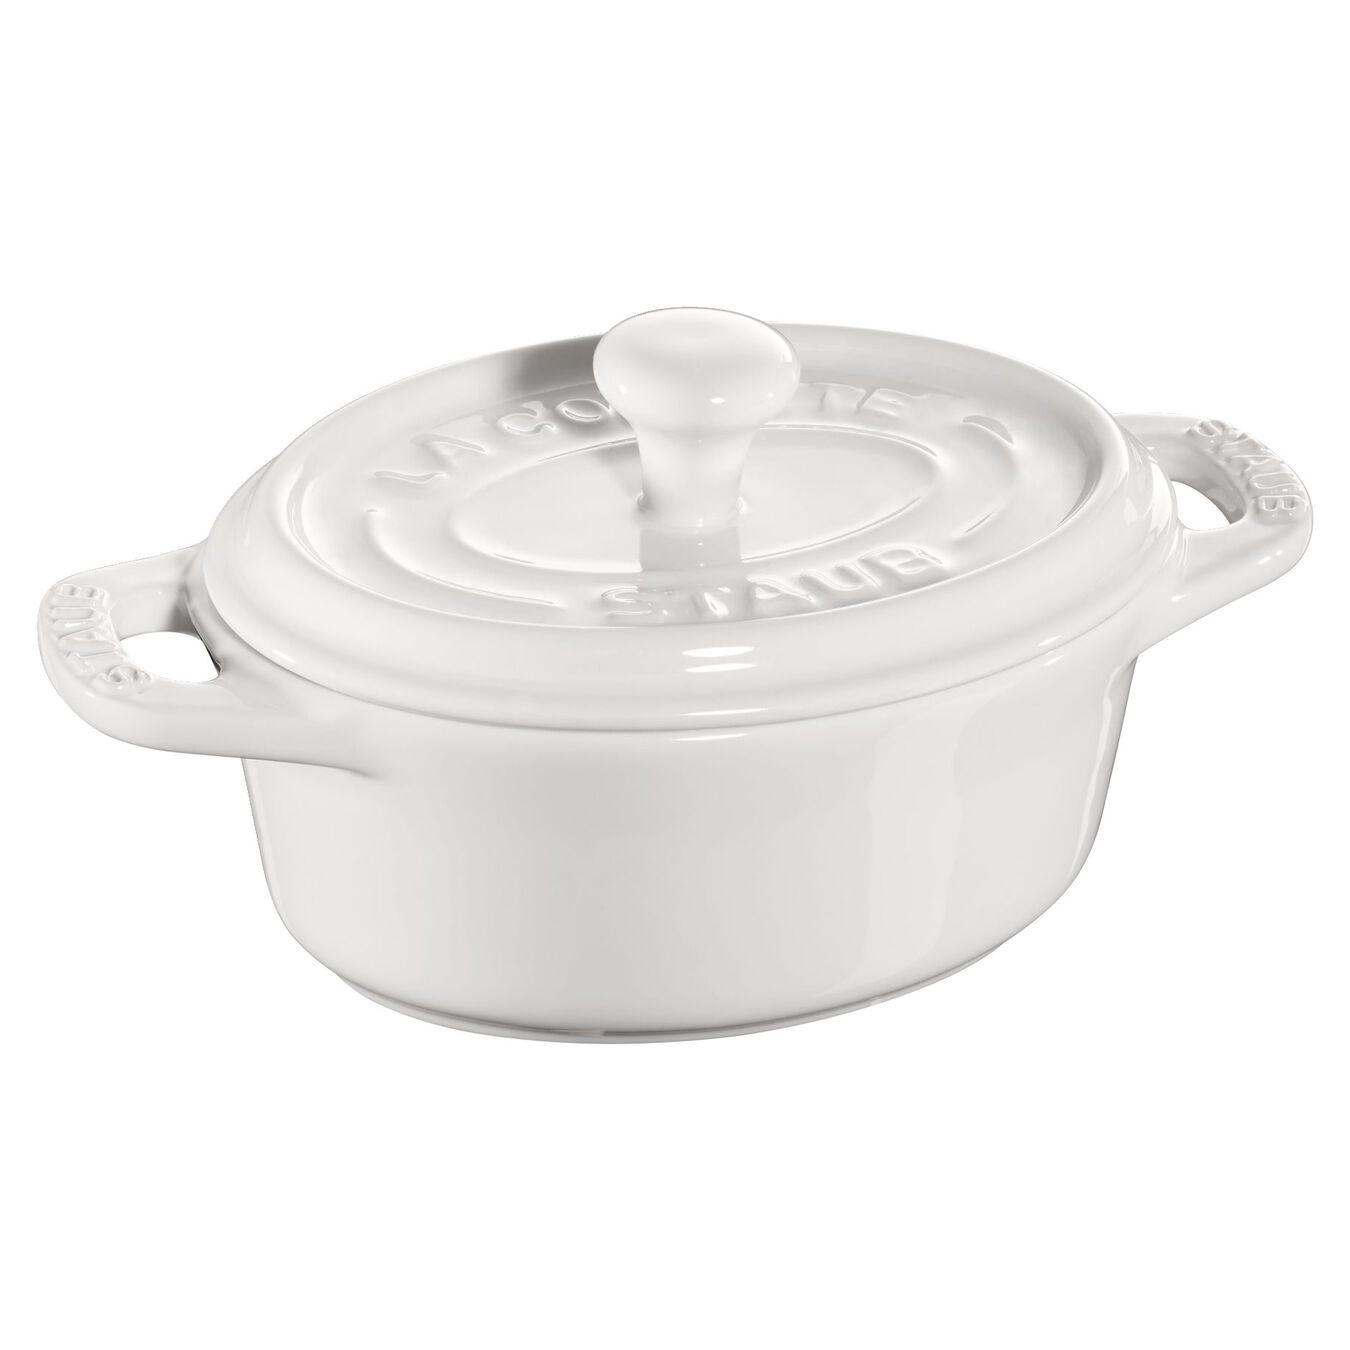 Mini Cocotte 11 cm, Ovale, Blanc pur, Céramique,,large 1